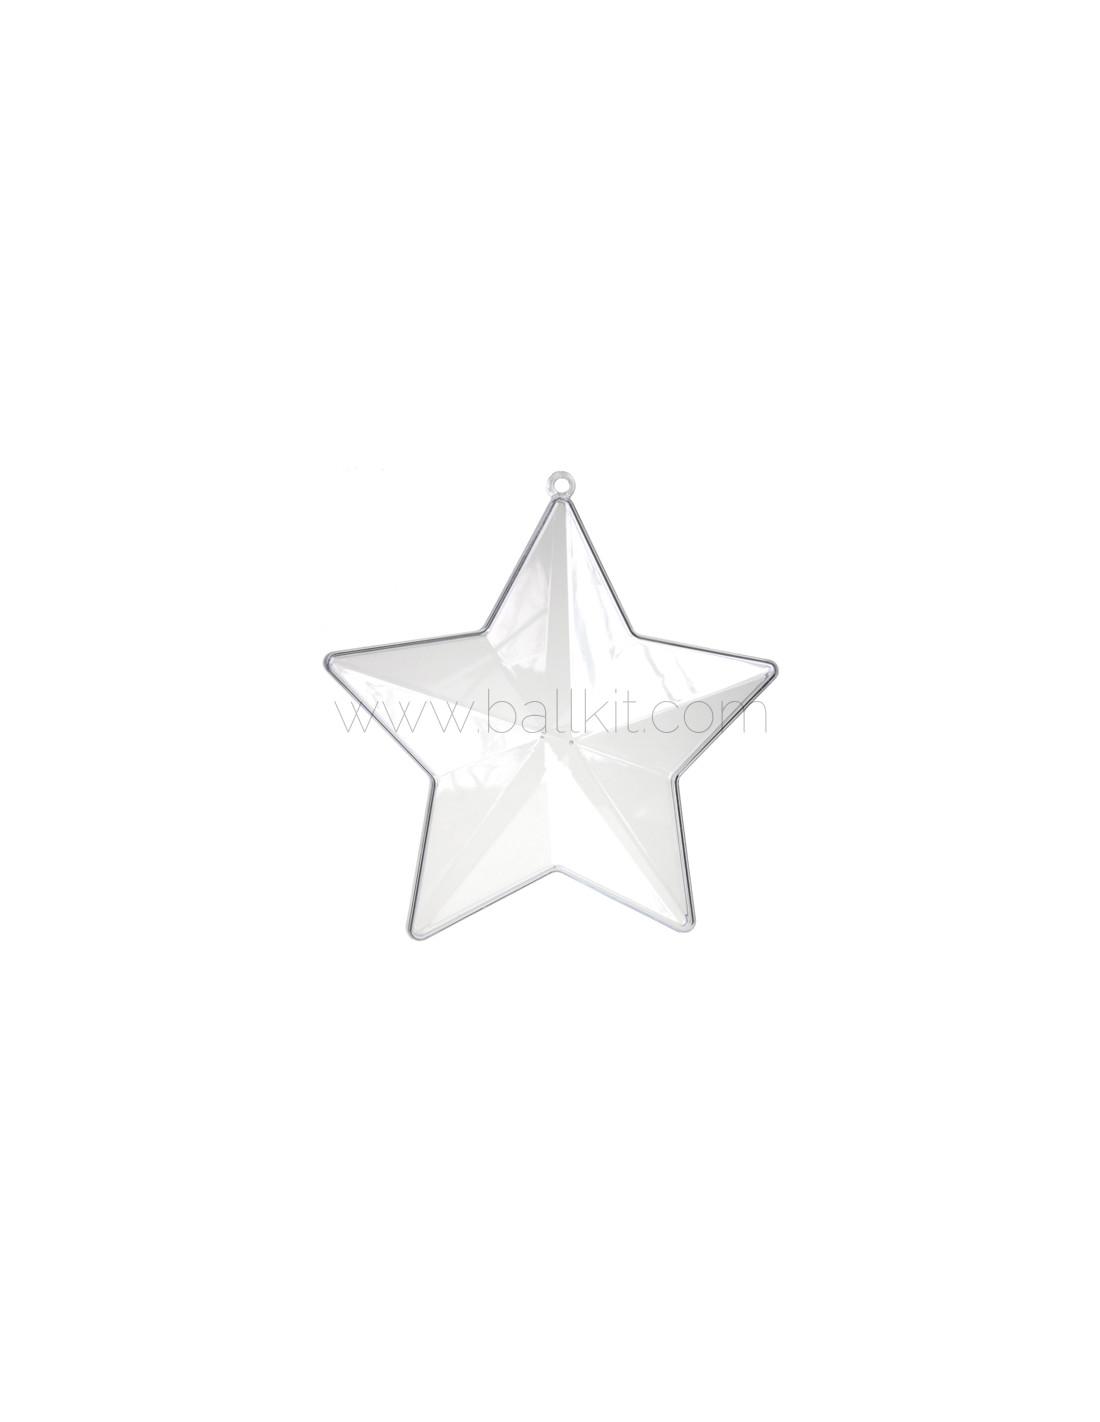 Acheter étoile Transparente En Plastique Acrylique Ballkit Diamètre 10 Cm Lot De 10